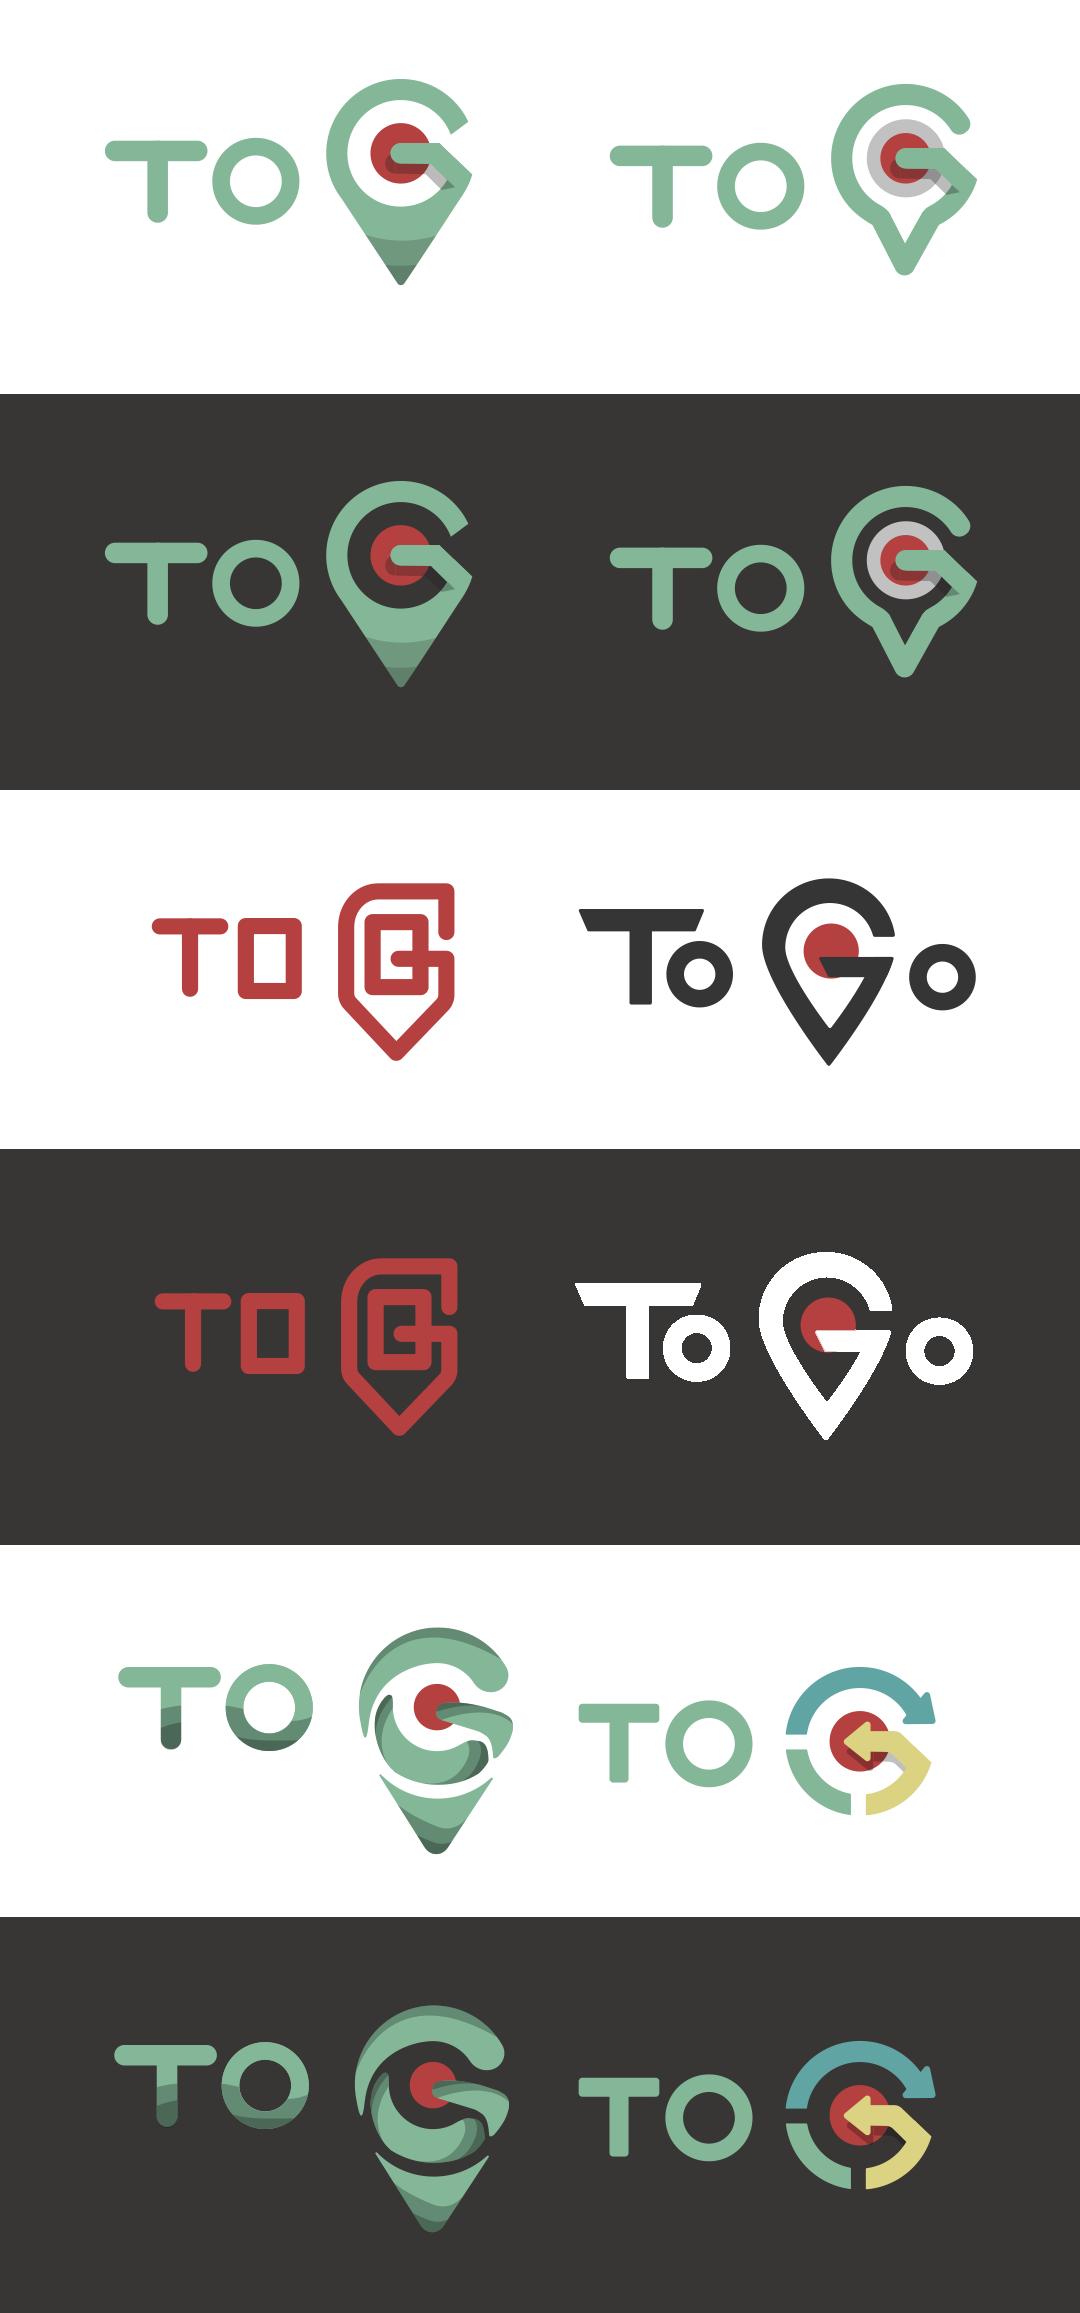 Разработать логотип и экран загрузки приложения фото f_6155a82ebe937261.png